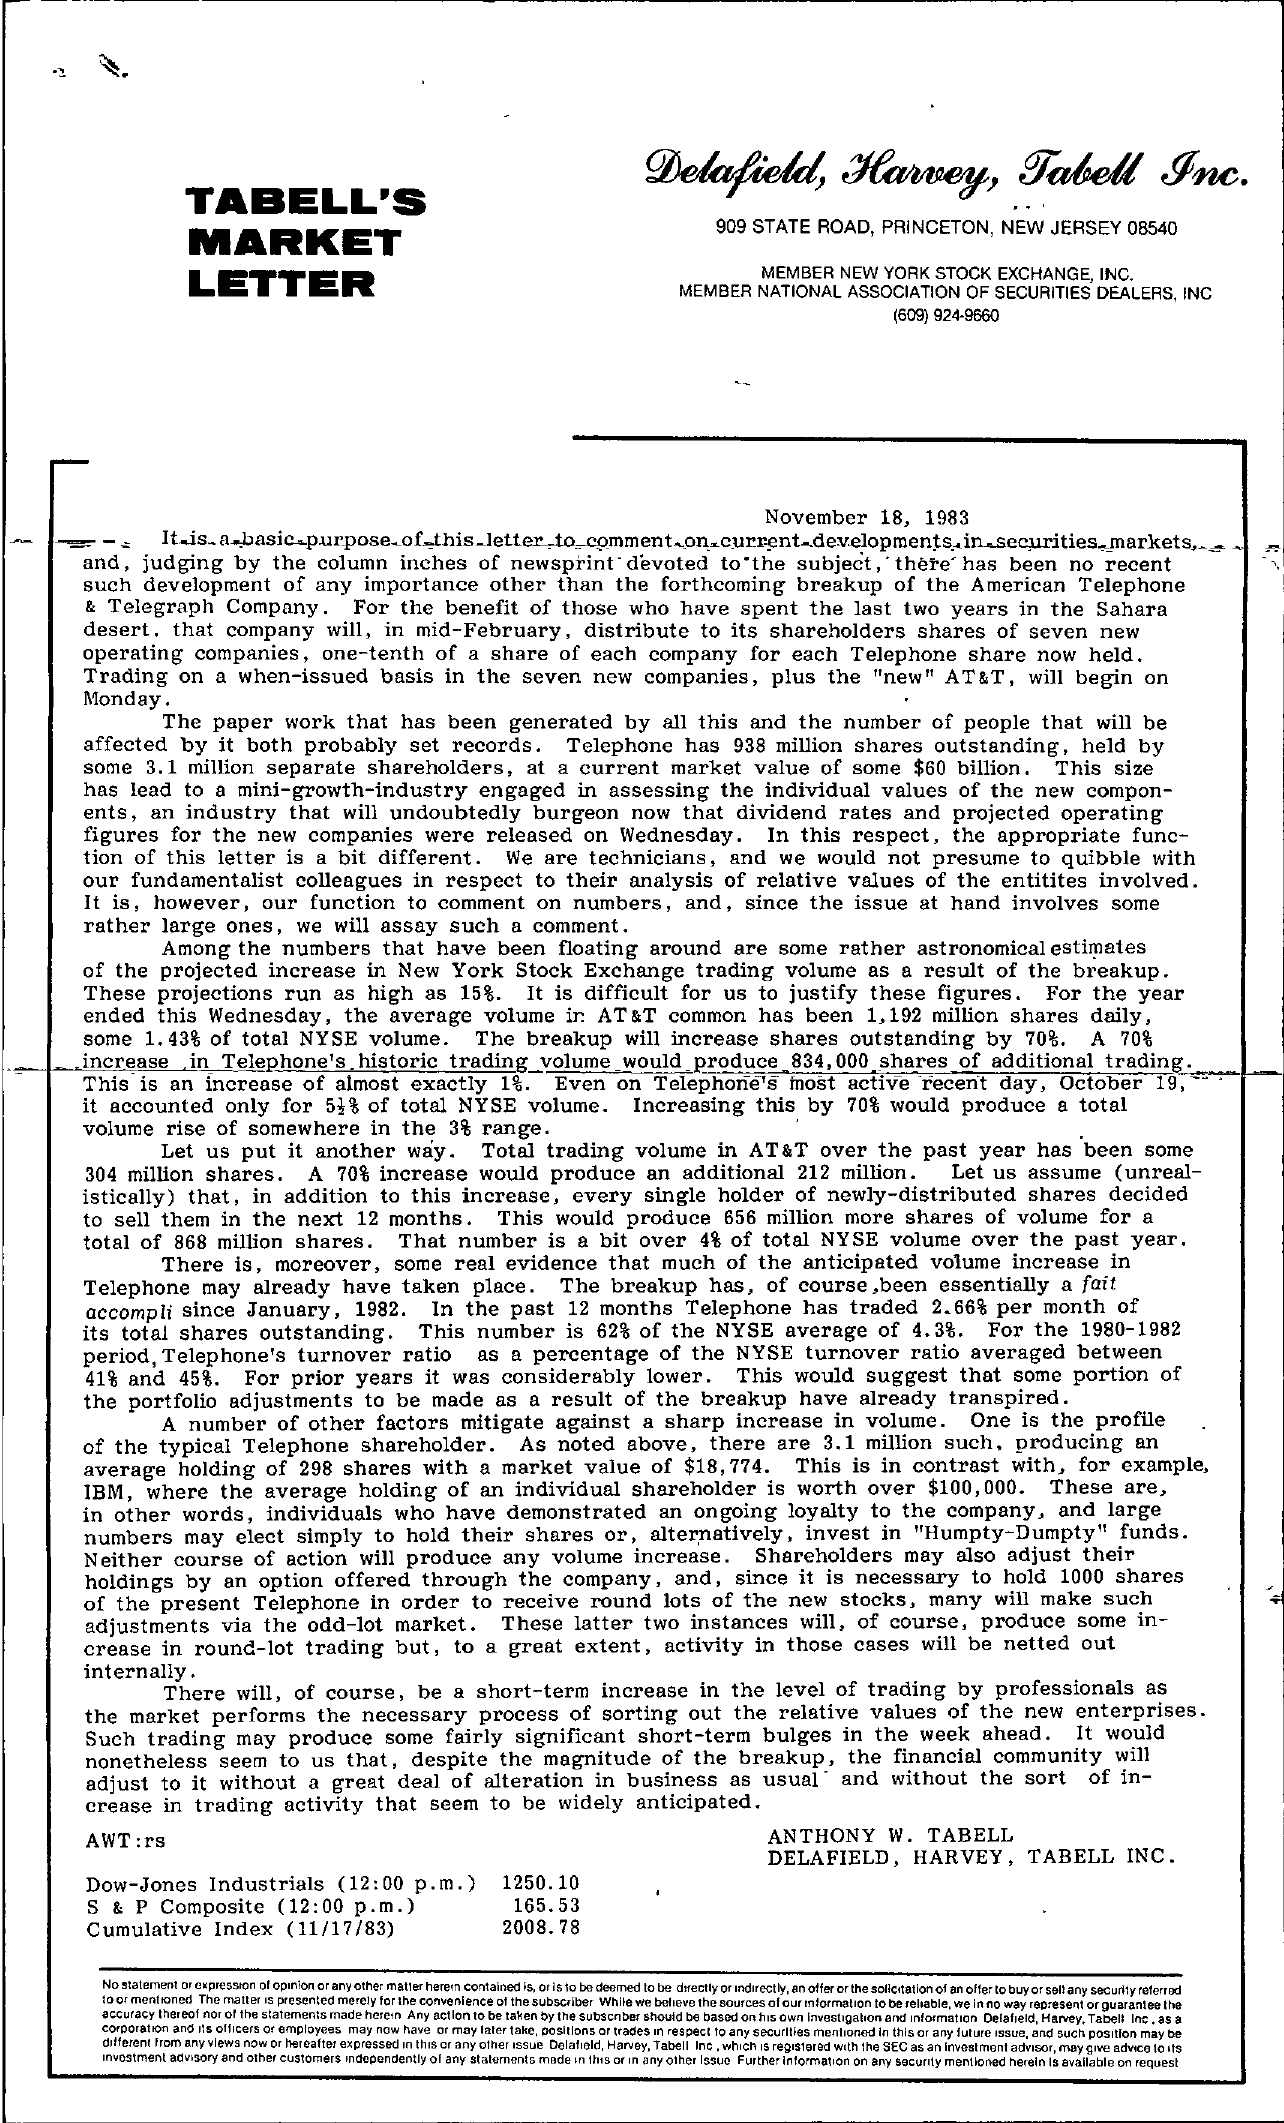 Tabell's Market Letter - November 18, 1983